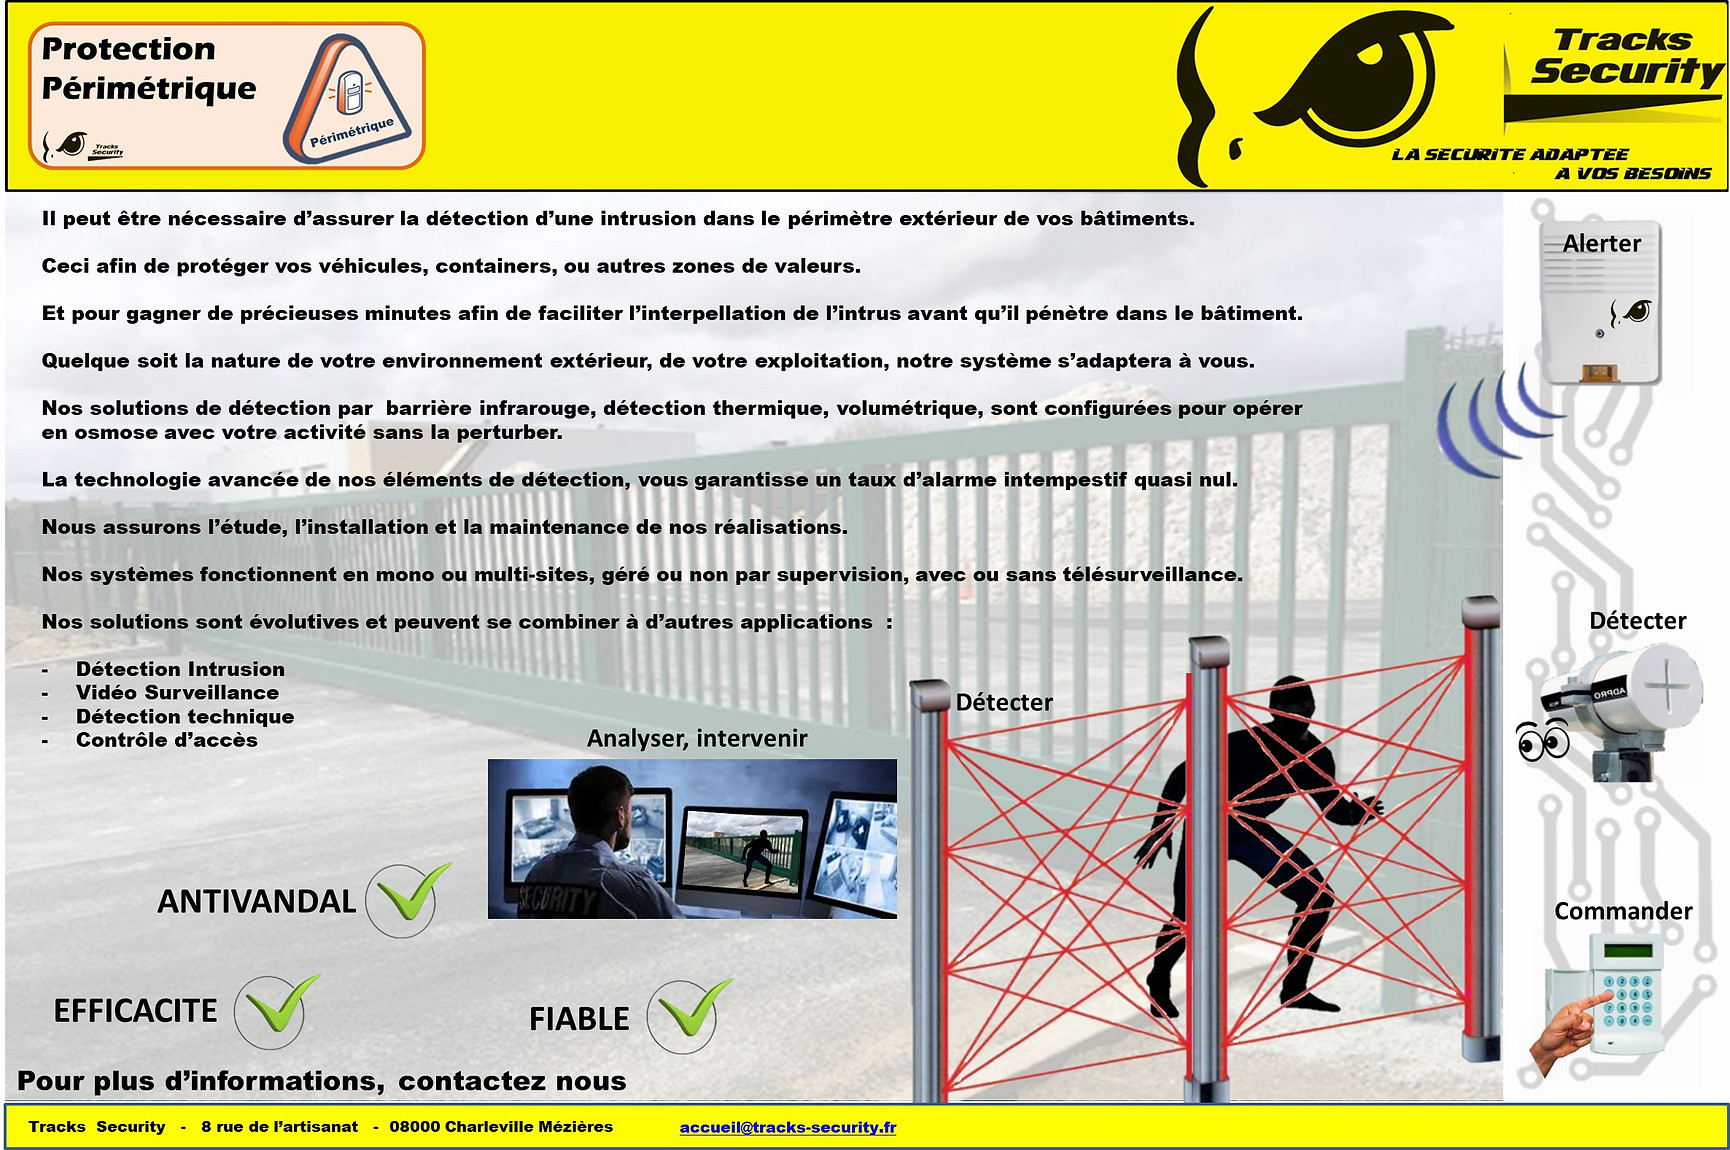 Page - Protection Périmétrique.jpg